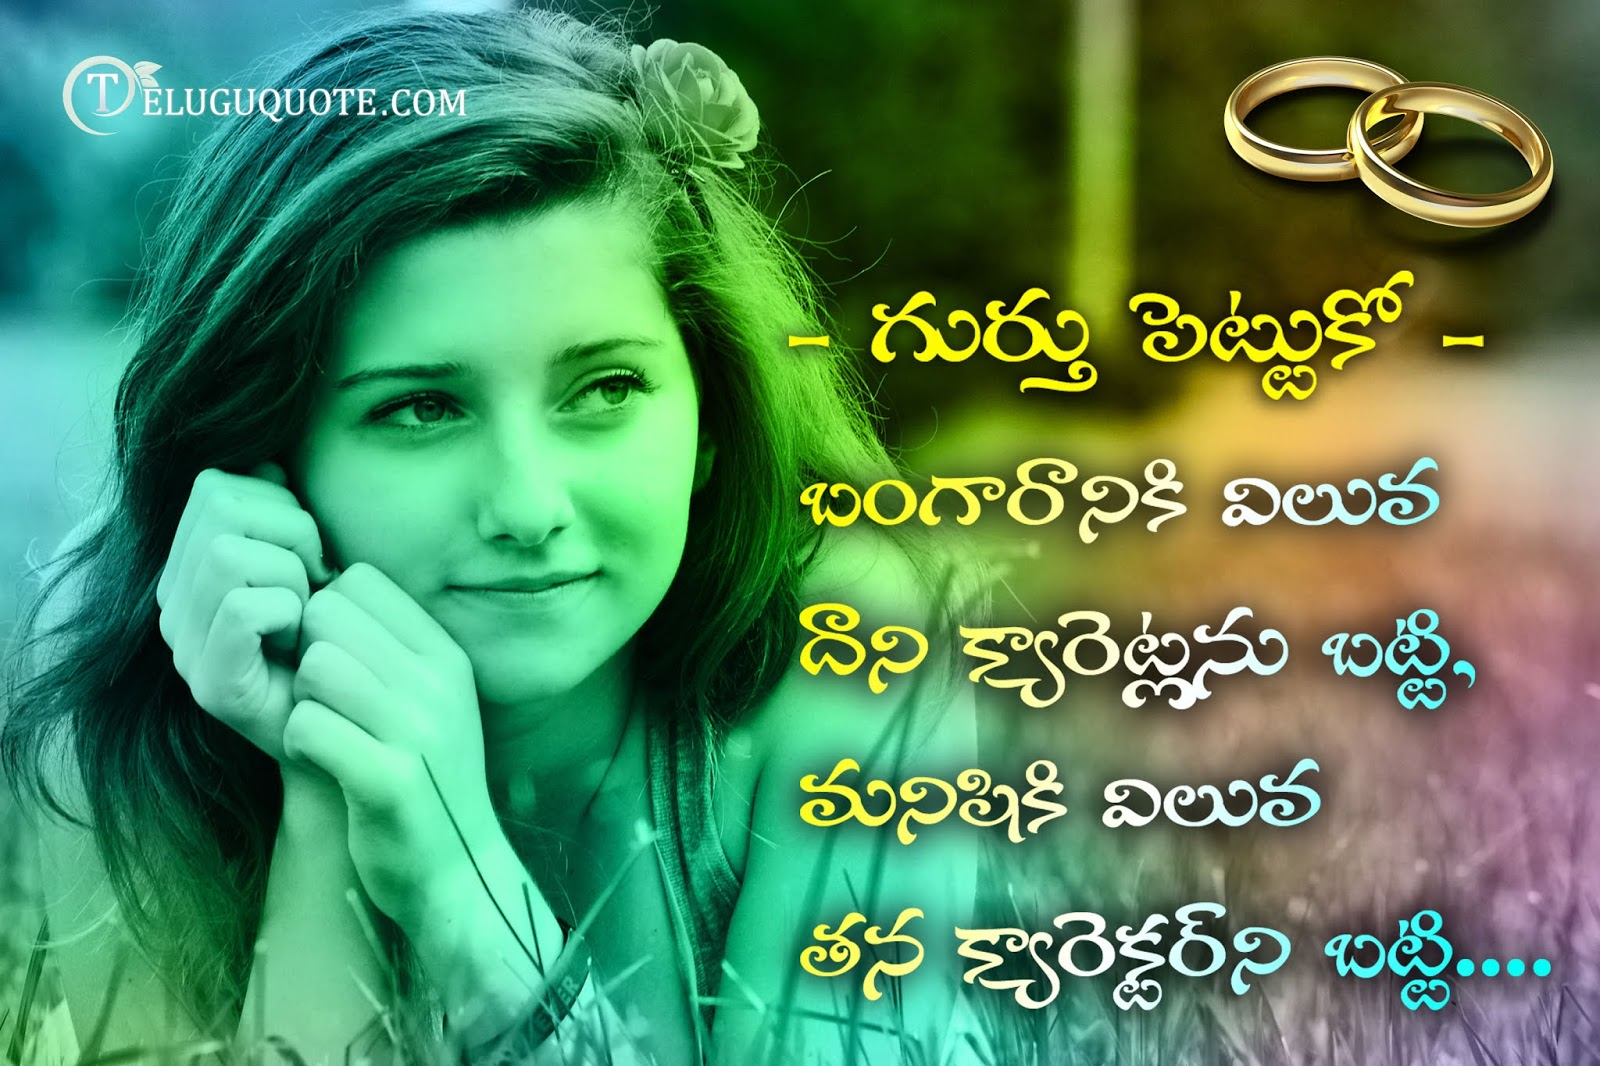 15 Best Inspirational Quotes Telugu Brian Quote 68 mosam quotes in telugu. 15 best inspirational quotes telugu